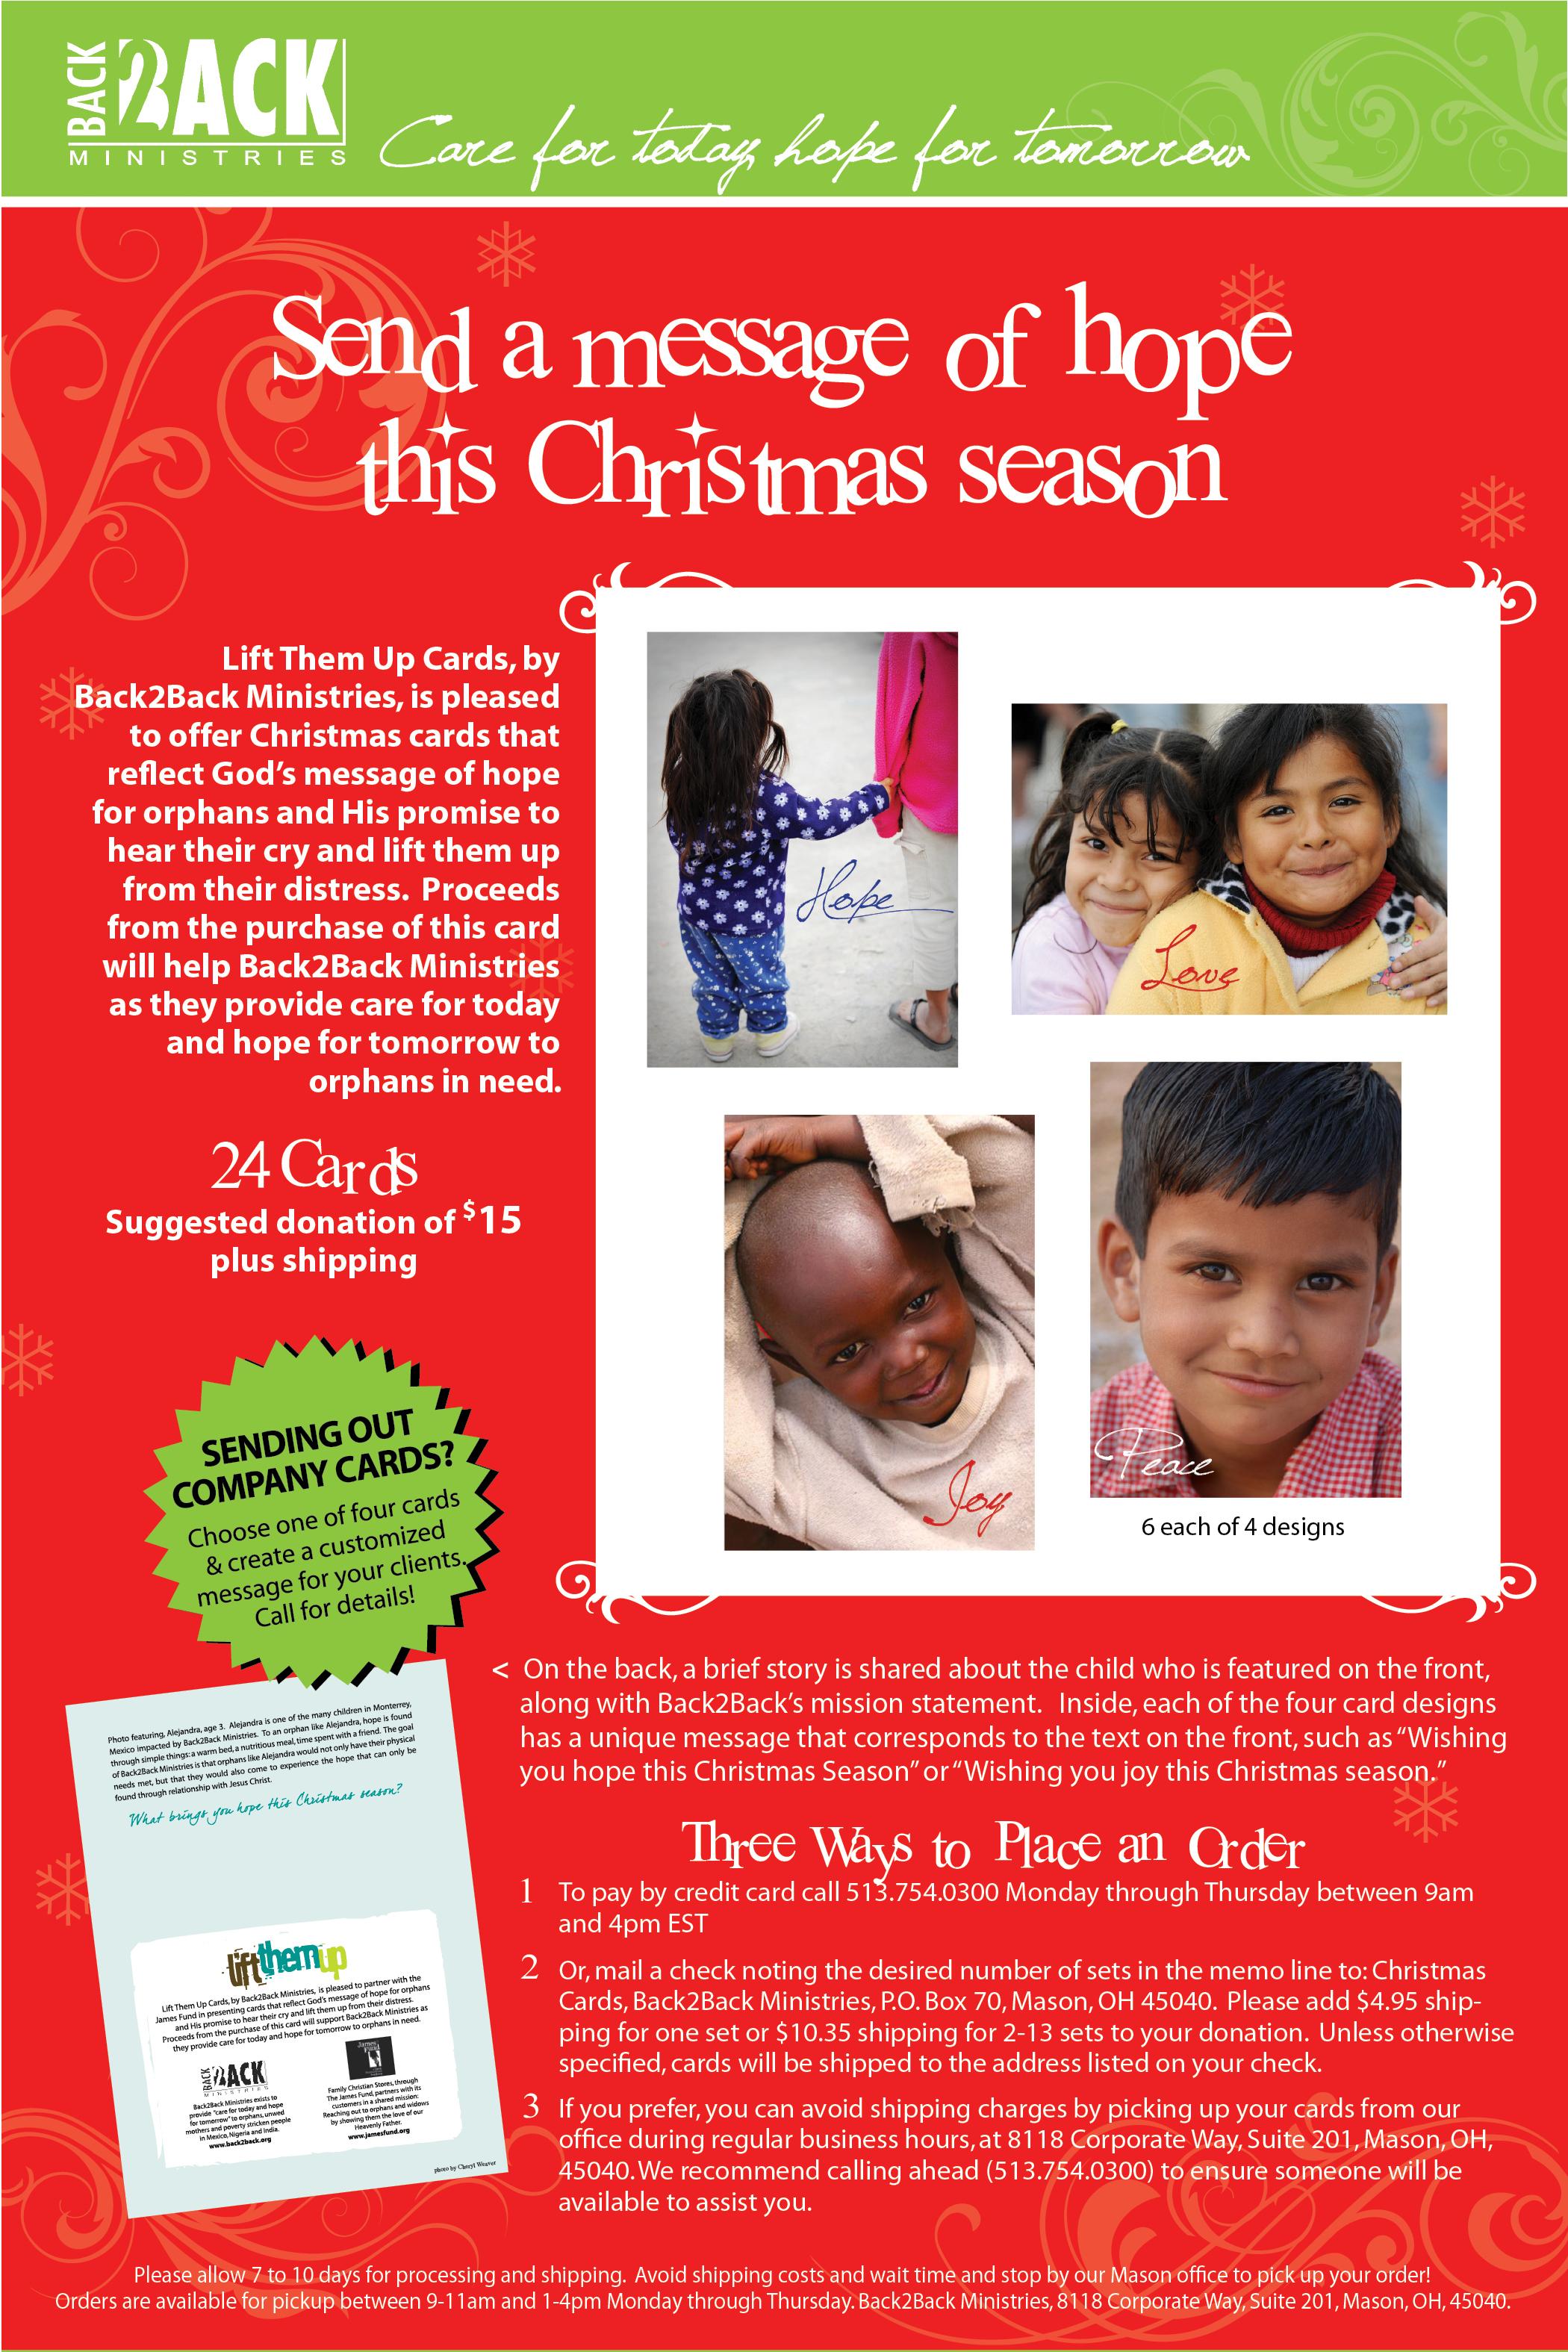 B2B Christmas Card